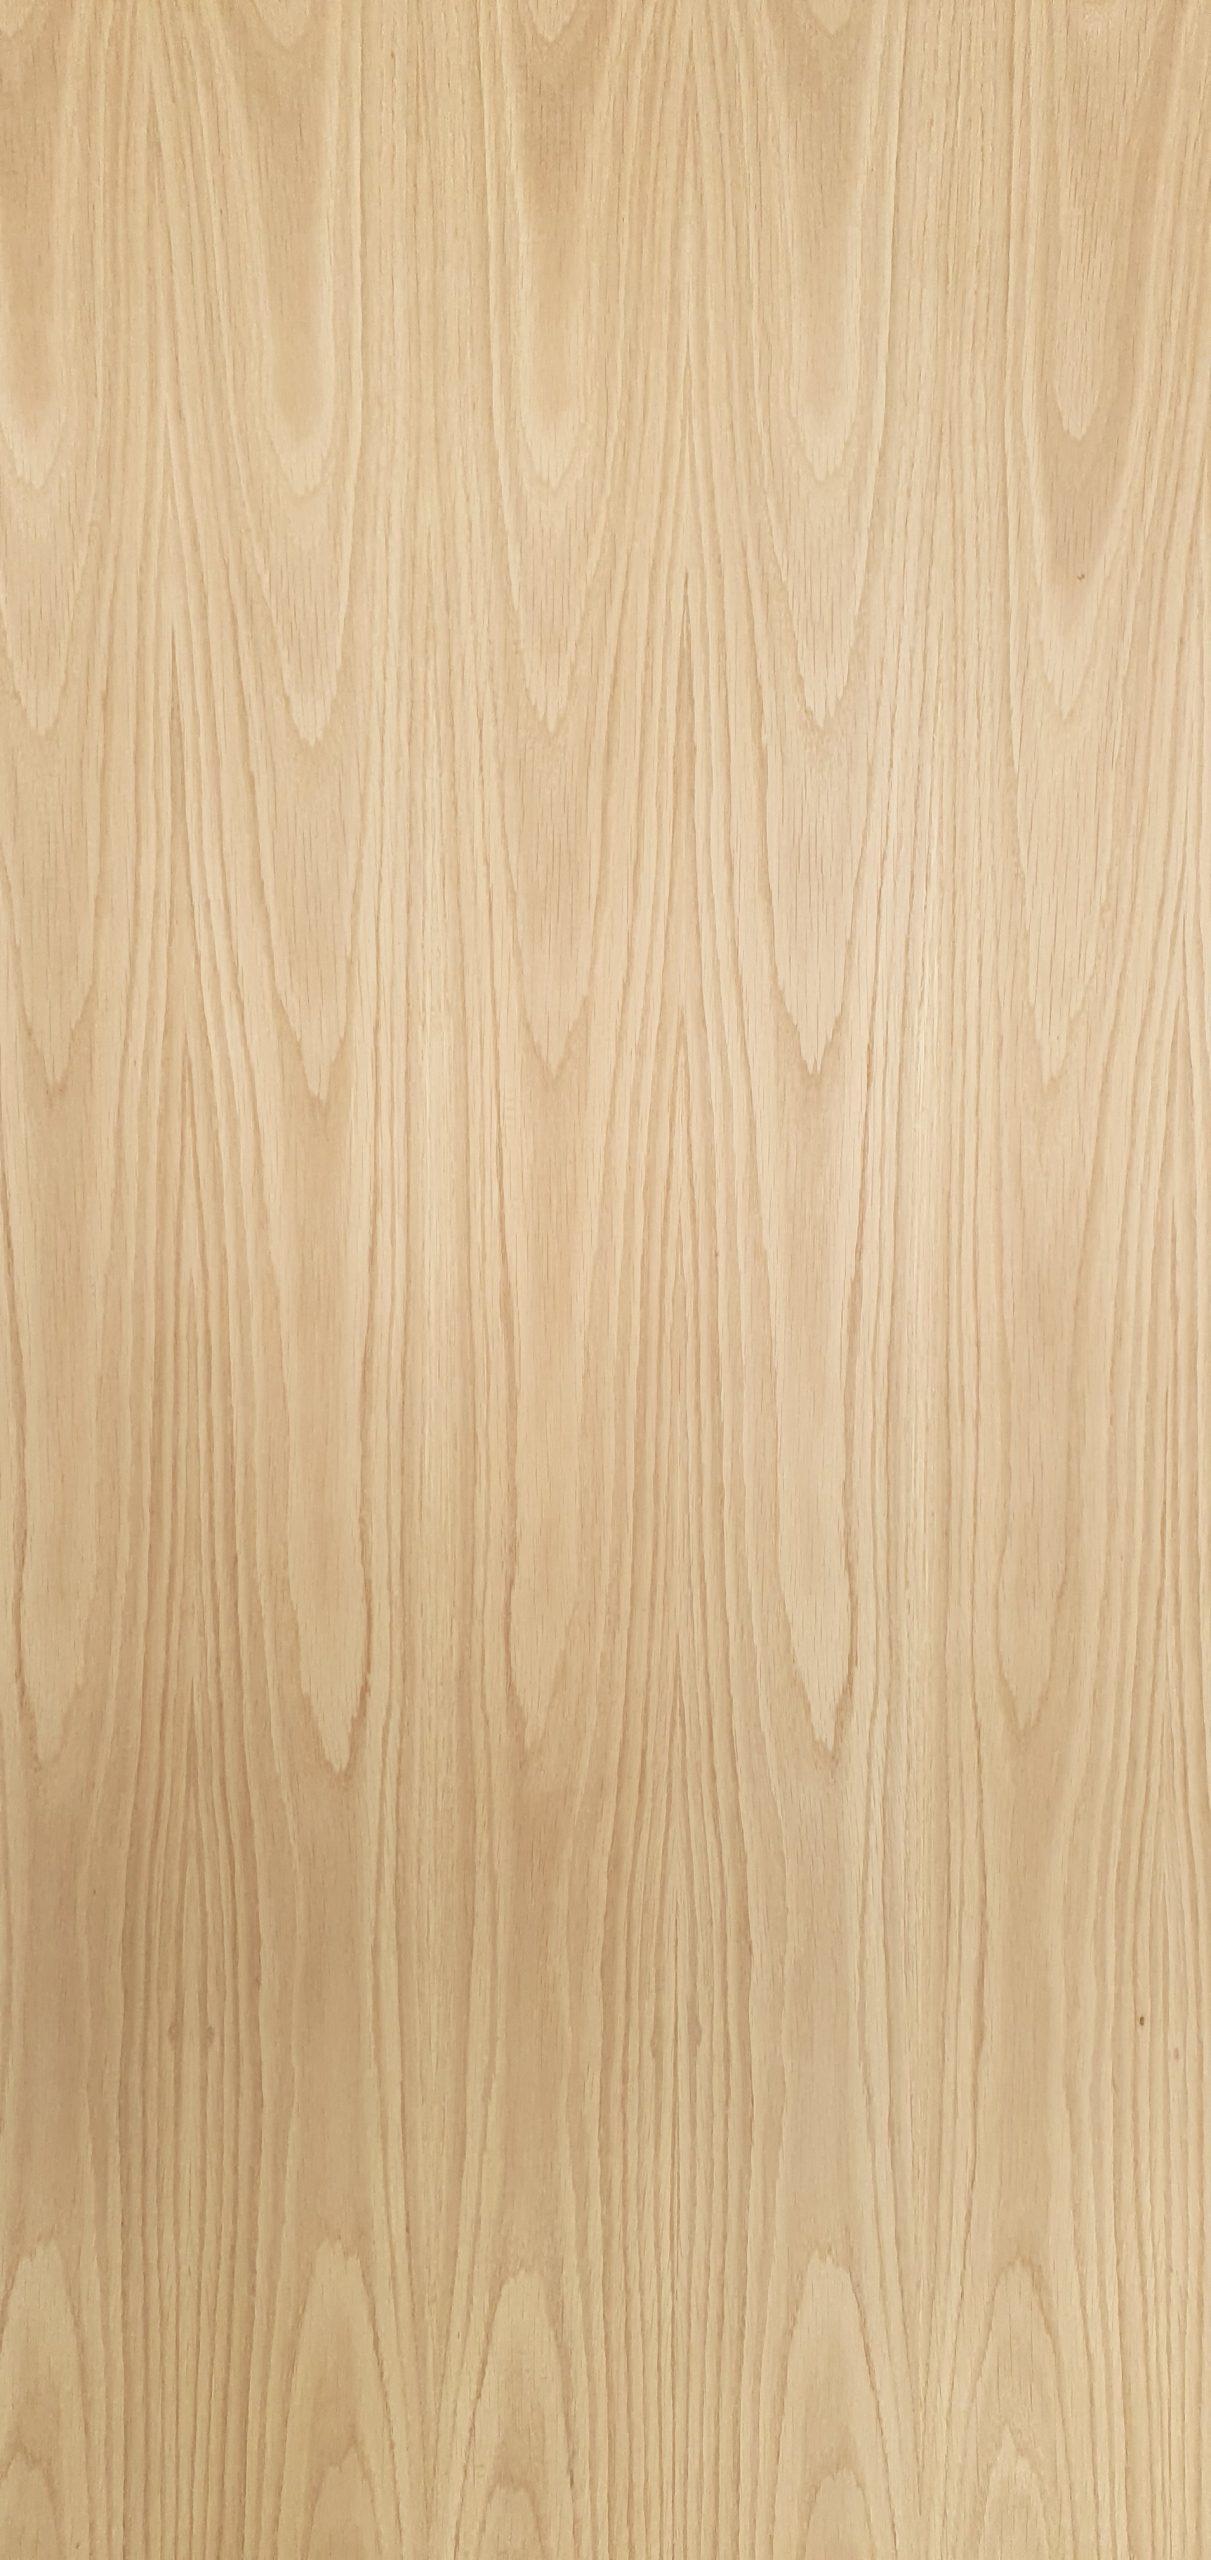 oak cc natural ply